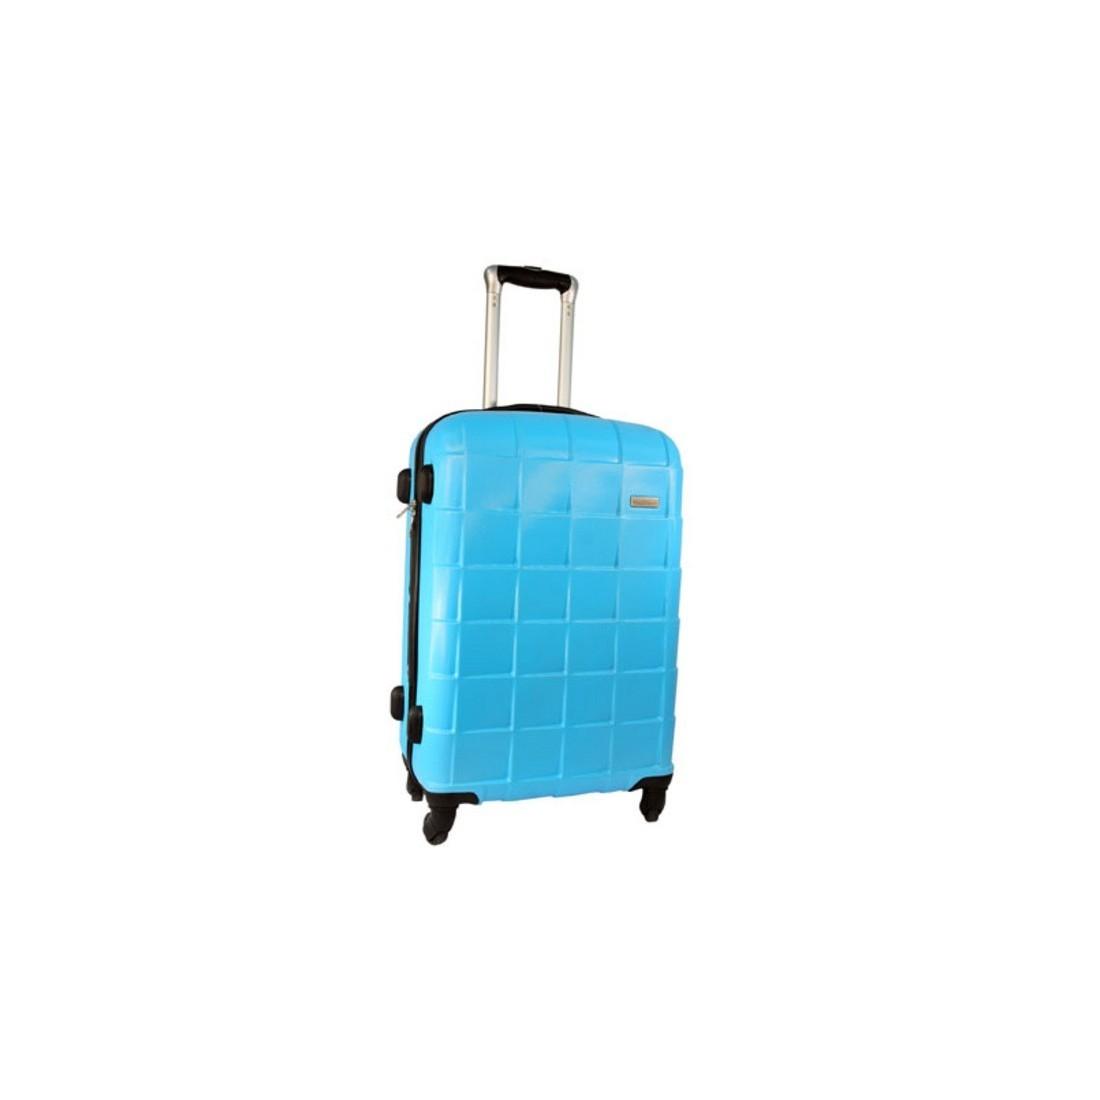 2863da88cf865 Mała, superlekka walizka na czterech kółkach. Wykonnana z twardego odpornego  na zarysowania tworzywa ABS. Posiada jedną dużą komorę, wewnętrzną kieszeń  na ...